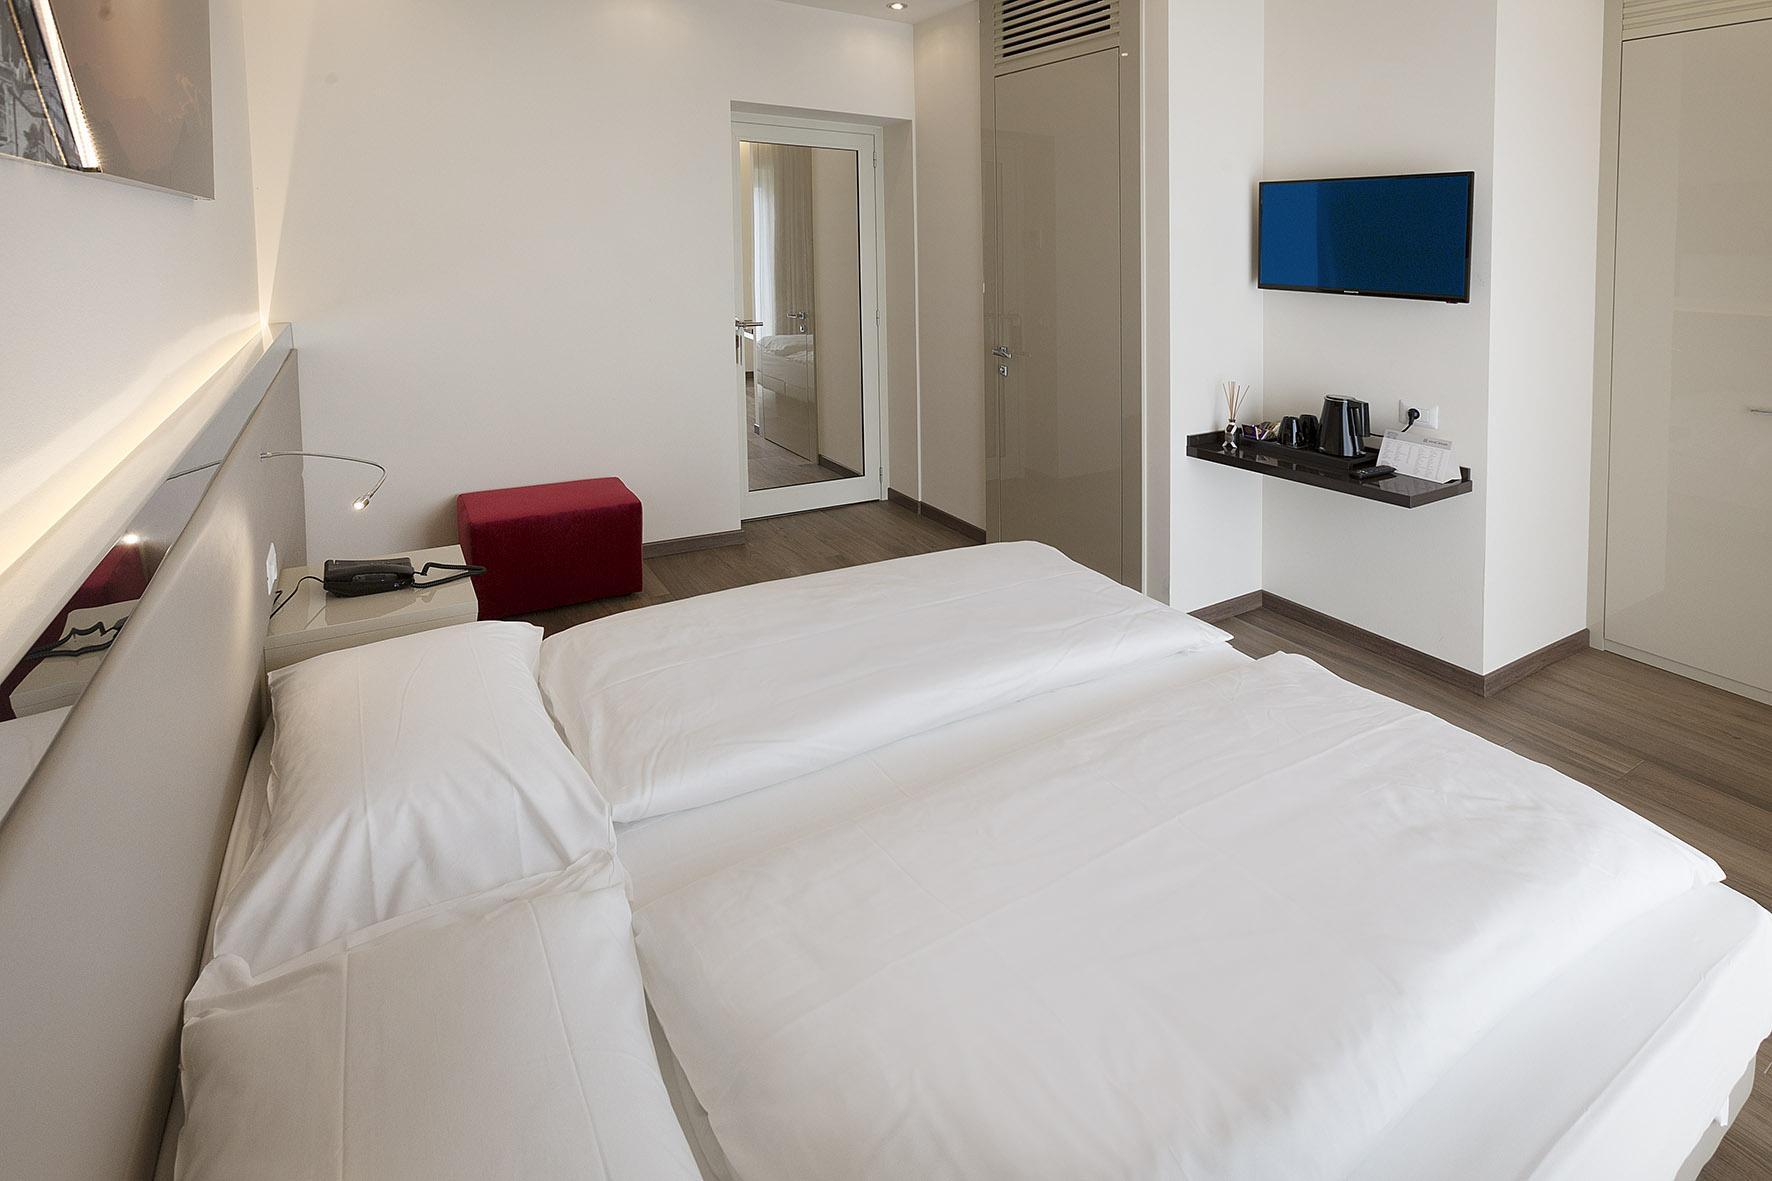 hotel_atilius_limone_camera_doppia_vista_lago_con_balcone406.jpg